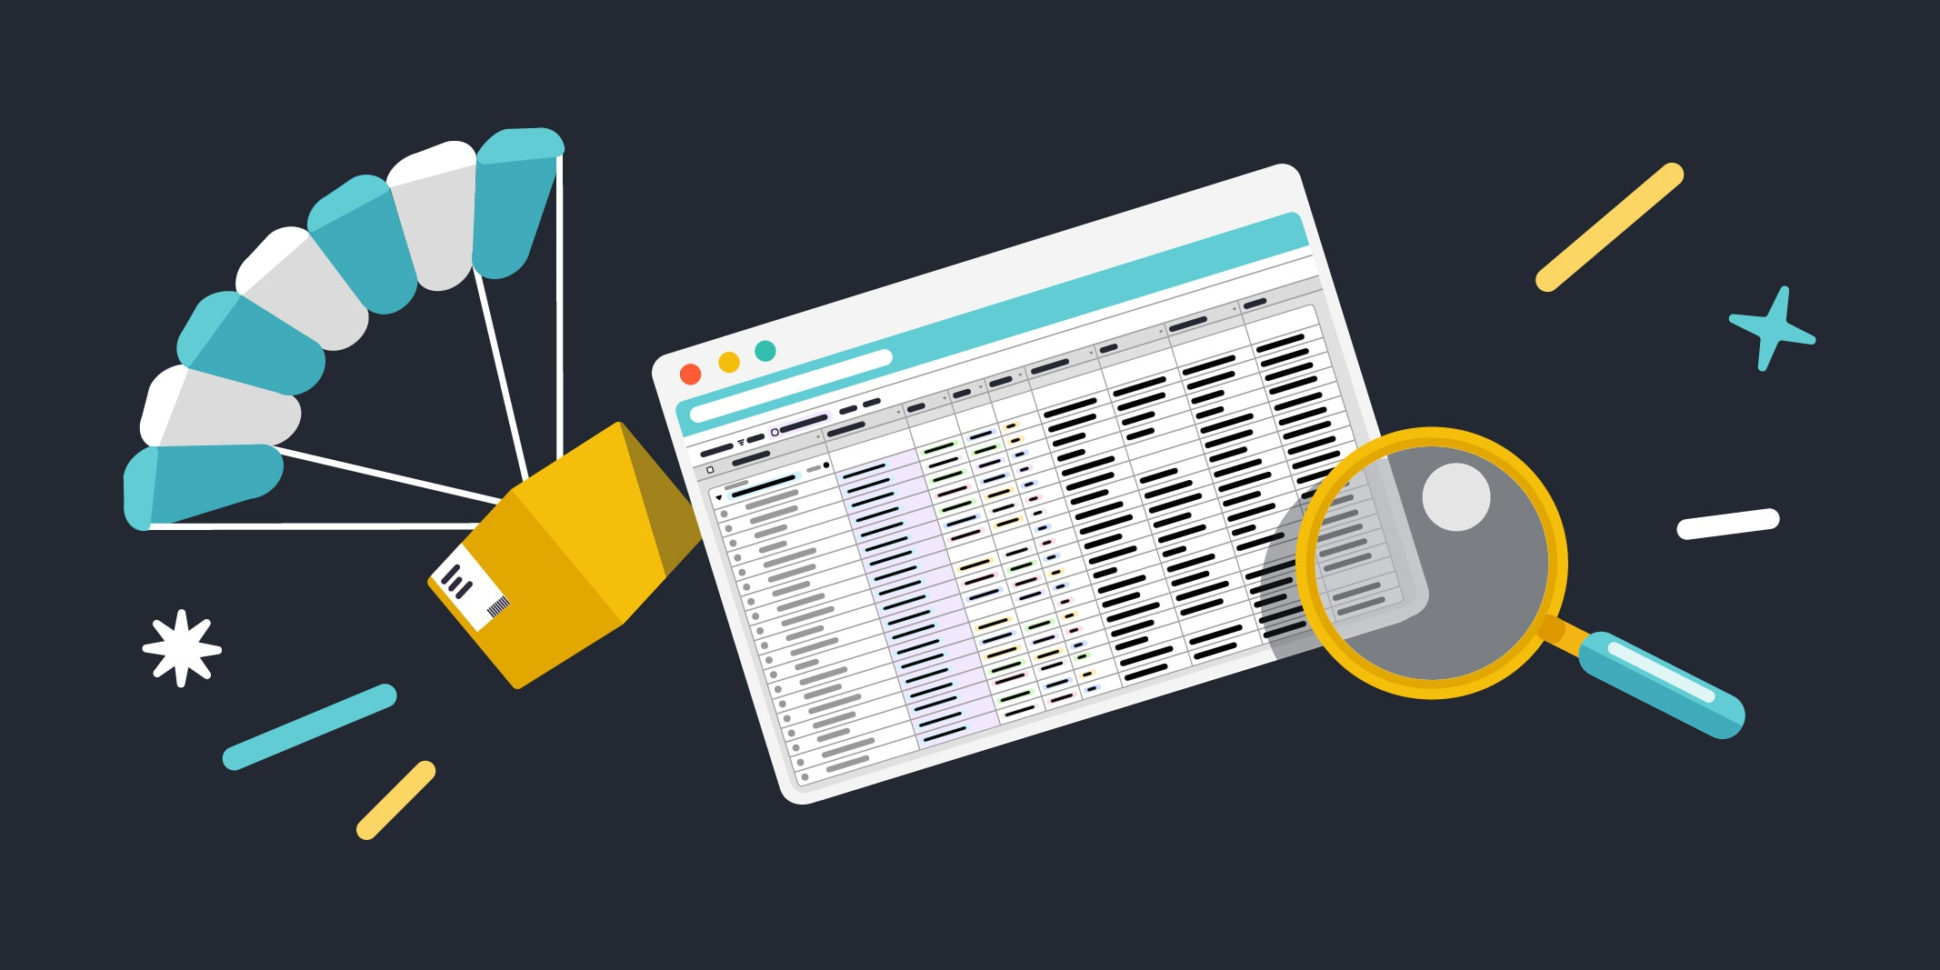 Drop Shipping Spreadsheet Regarding Finding Drop Shipping Companies   Free Directory